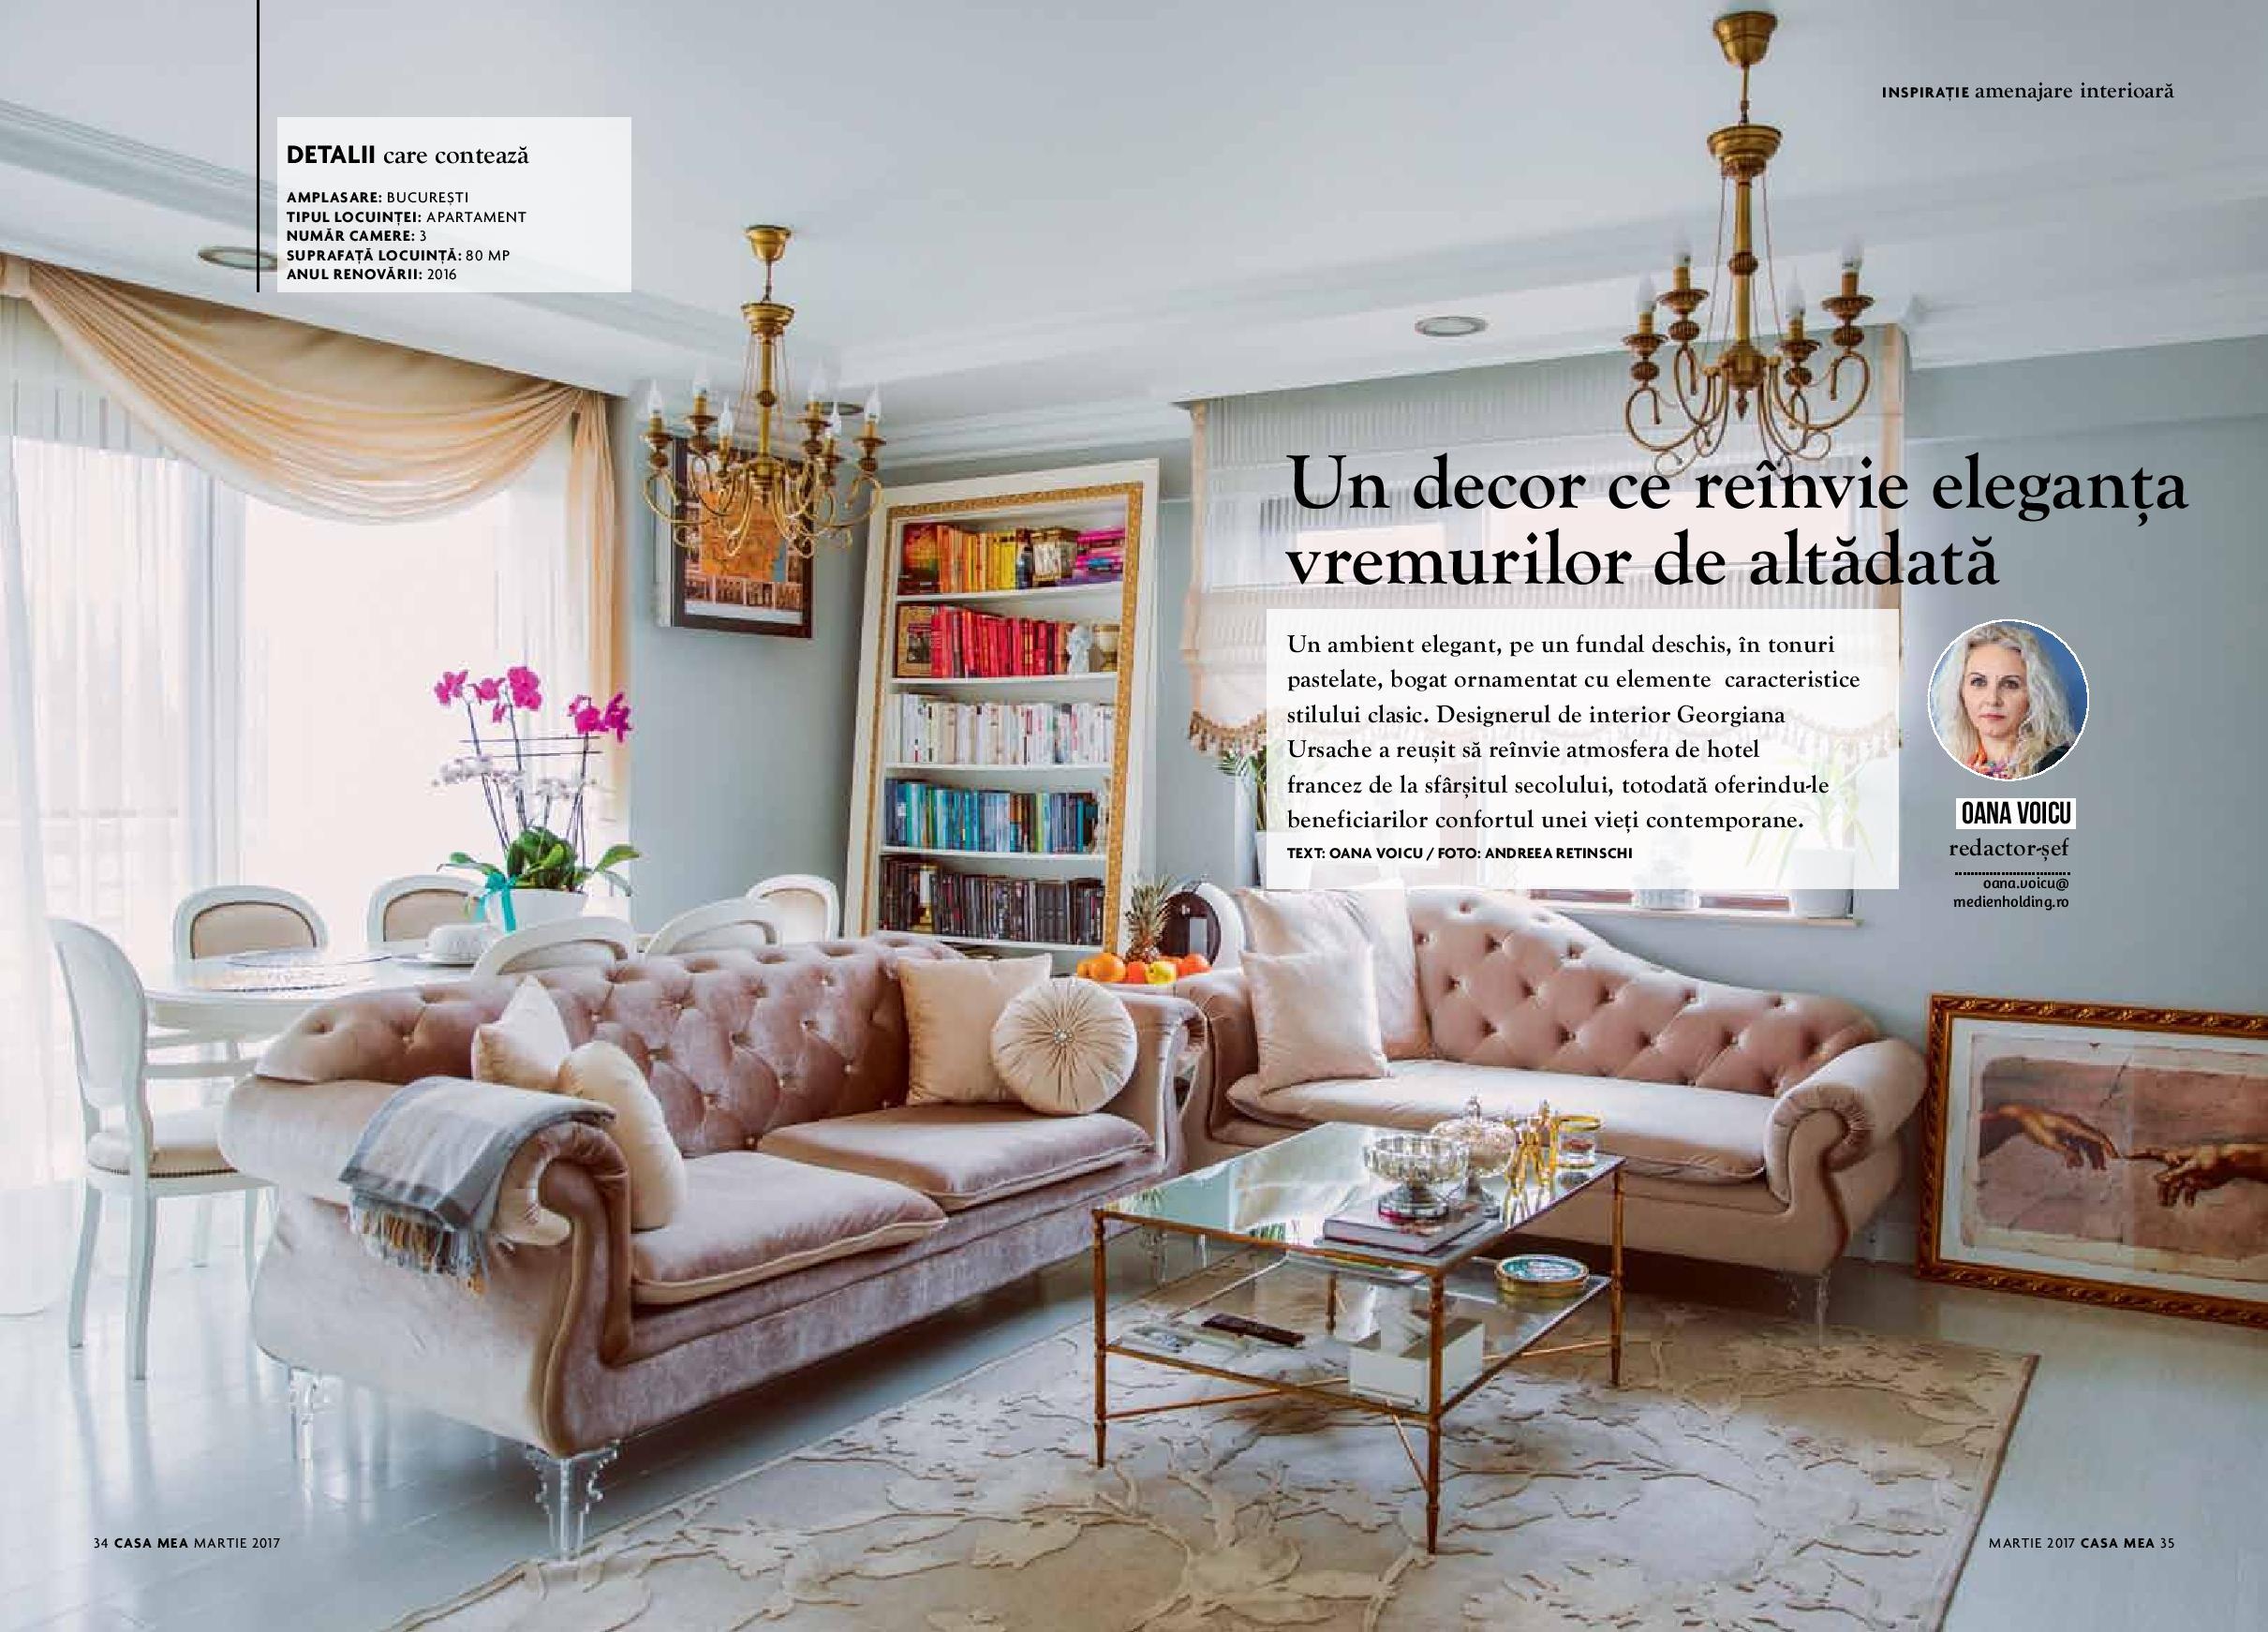 amenaj UG Interiors AZ-page-001